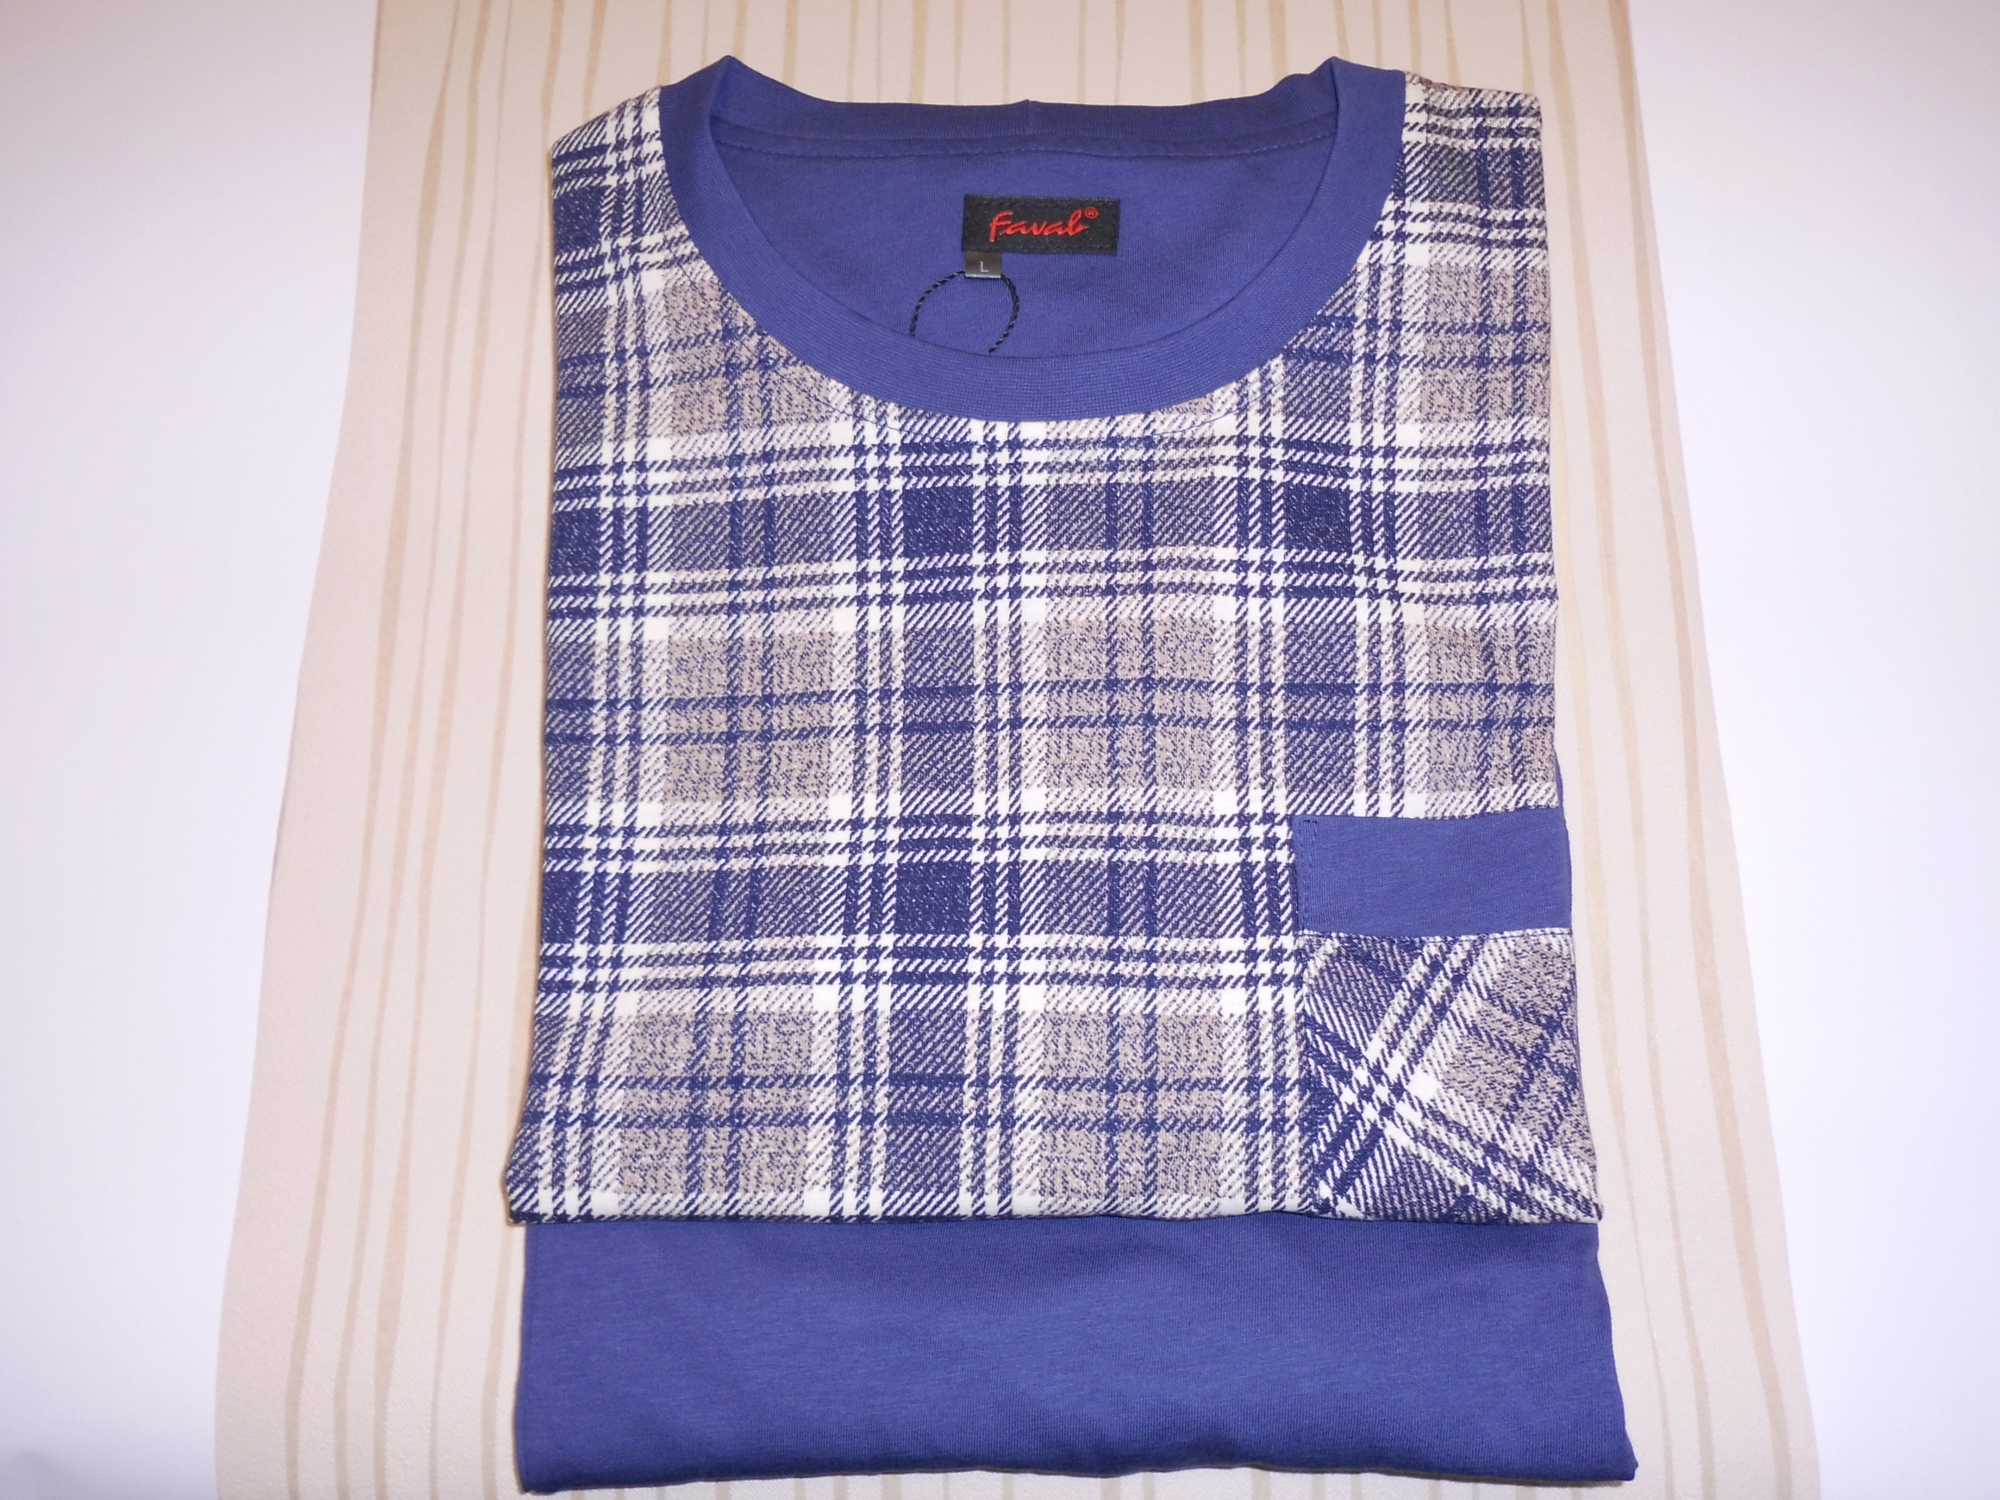 Pánské pyžamo Karono G DR/M - Favab Barva: tmavě modrá kostka, Velikost: XL